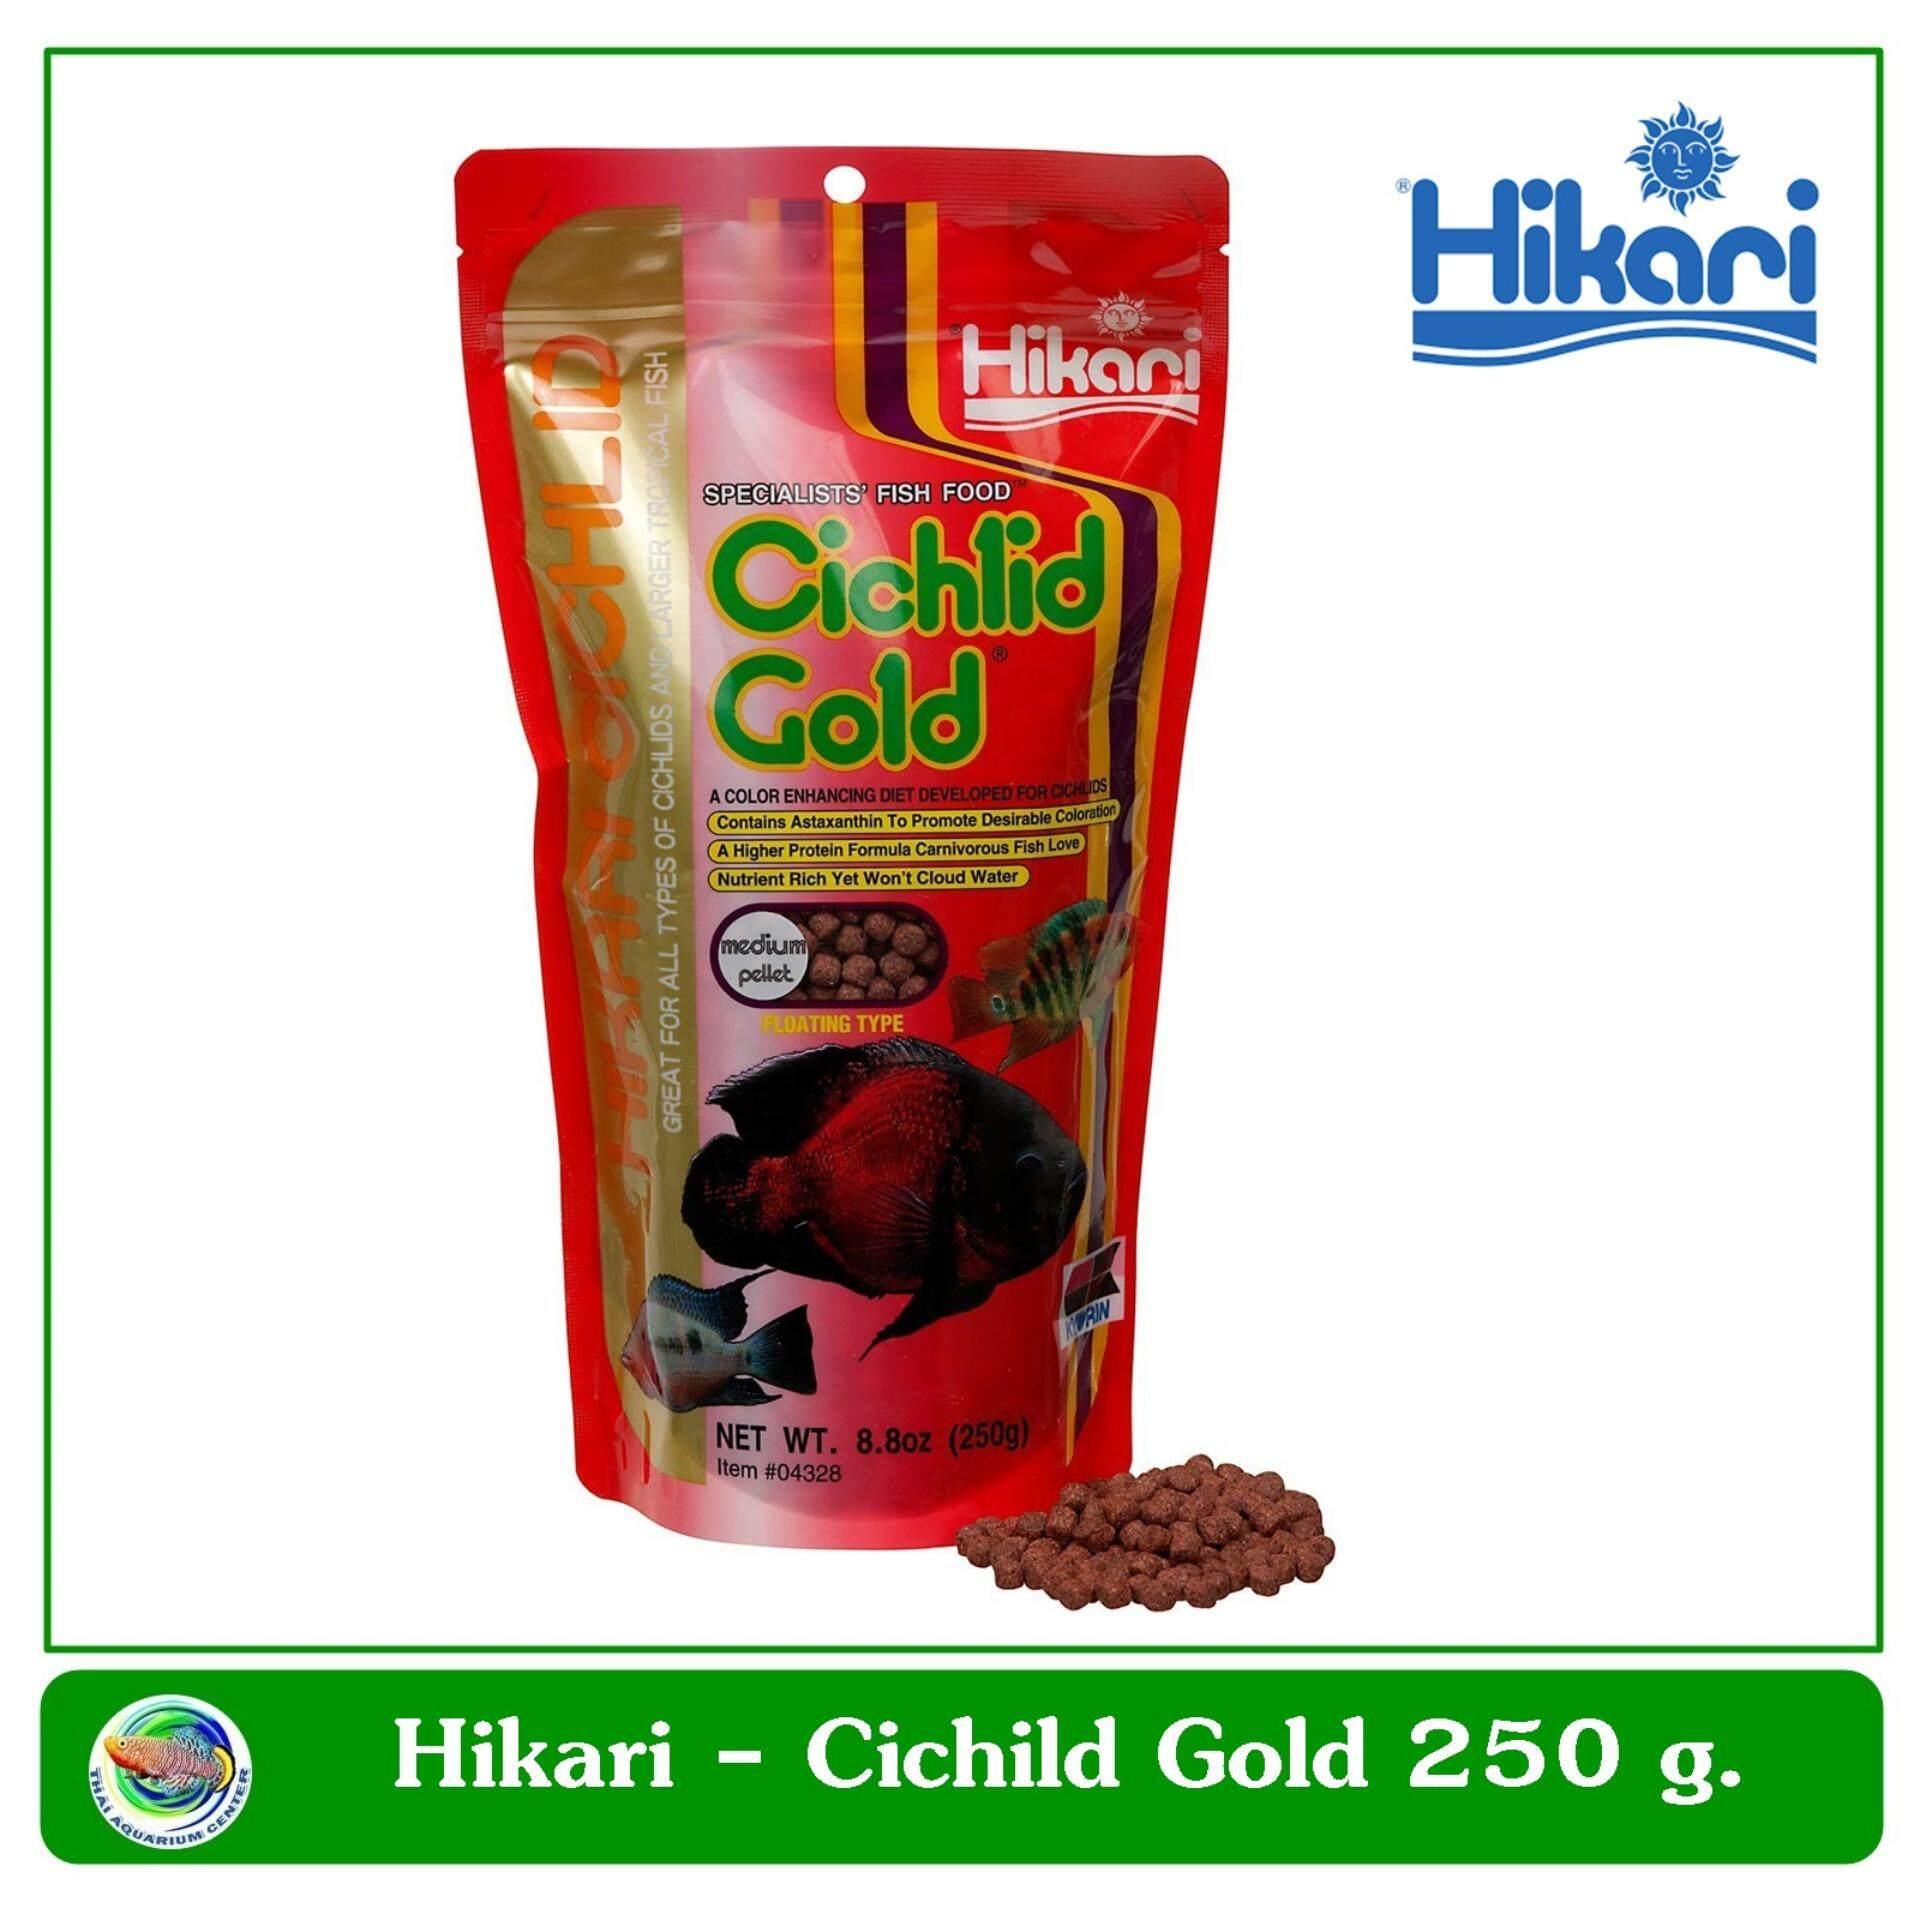 ขาย Hikari Cichlid Gold Mini Pellet อาหารปลาหมอสี 250 G Hikari ผู้ค้าส่ง